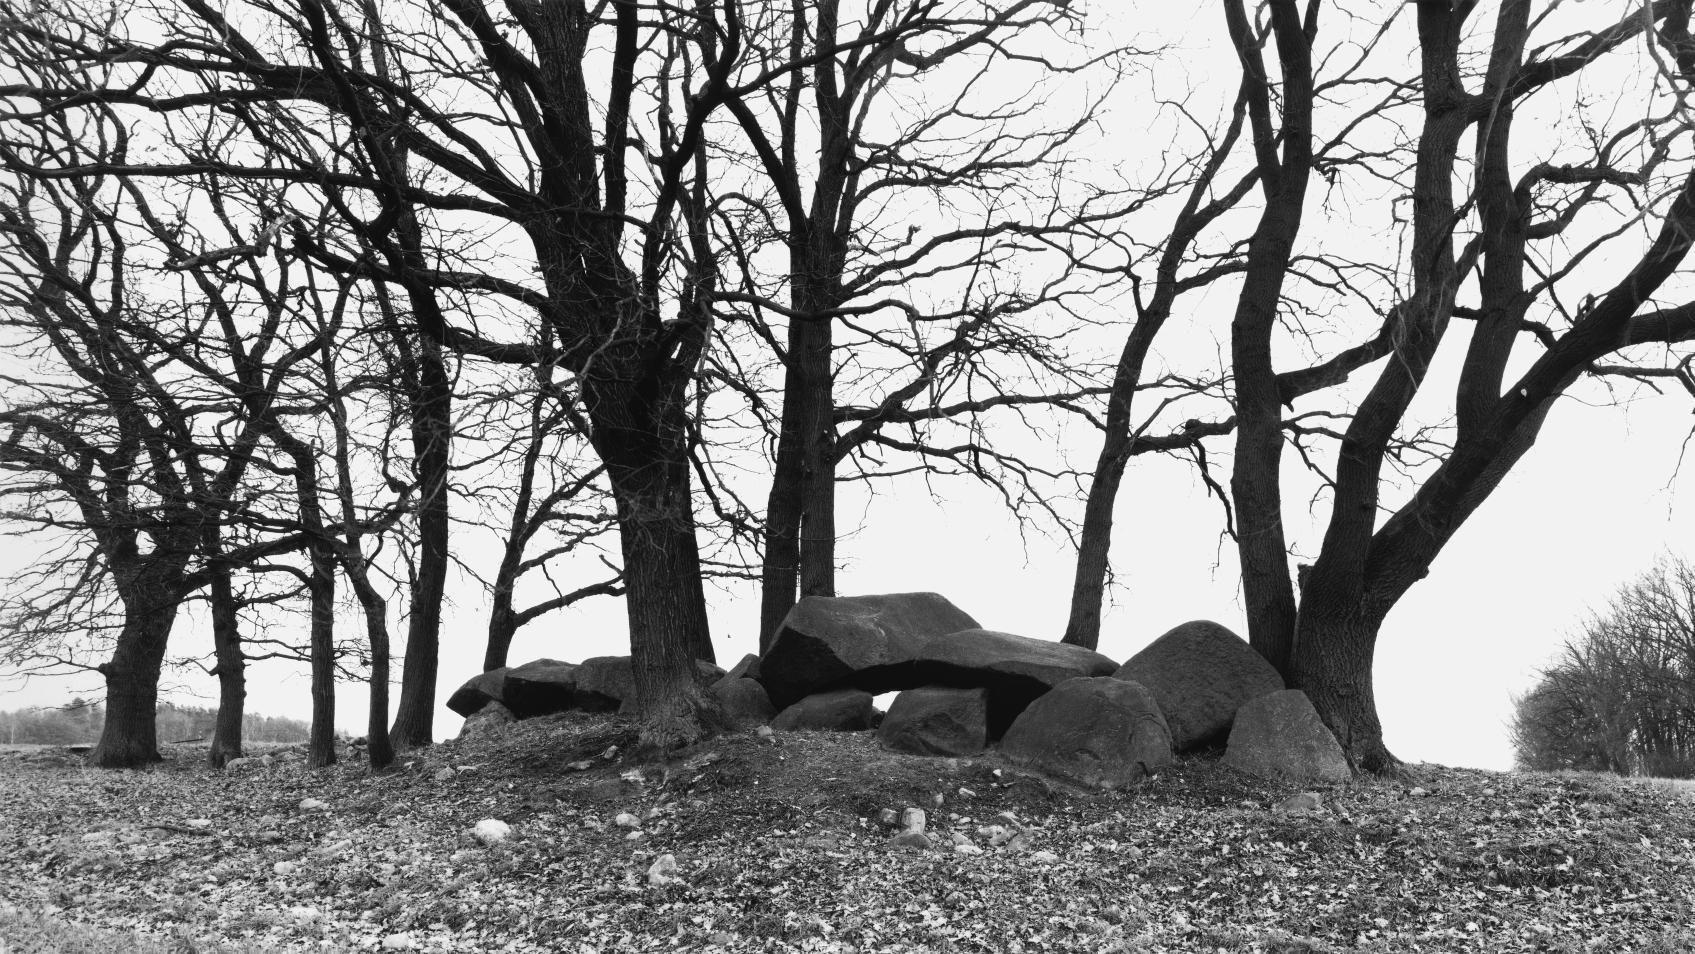 Der Großdolmen von Bornsen, Fundplatz 1, im Altmarkkreis Salzwedel. © Landesamt für Denkmalpflege und Archäologie Sachsen-Anhalt, Juraj Lipták.